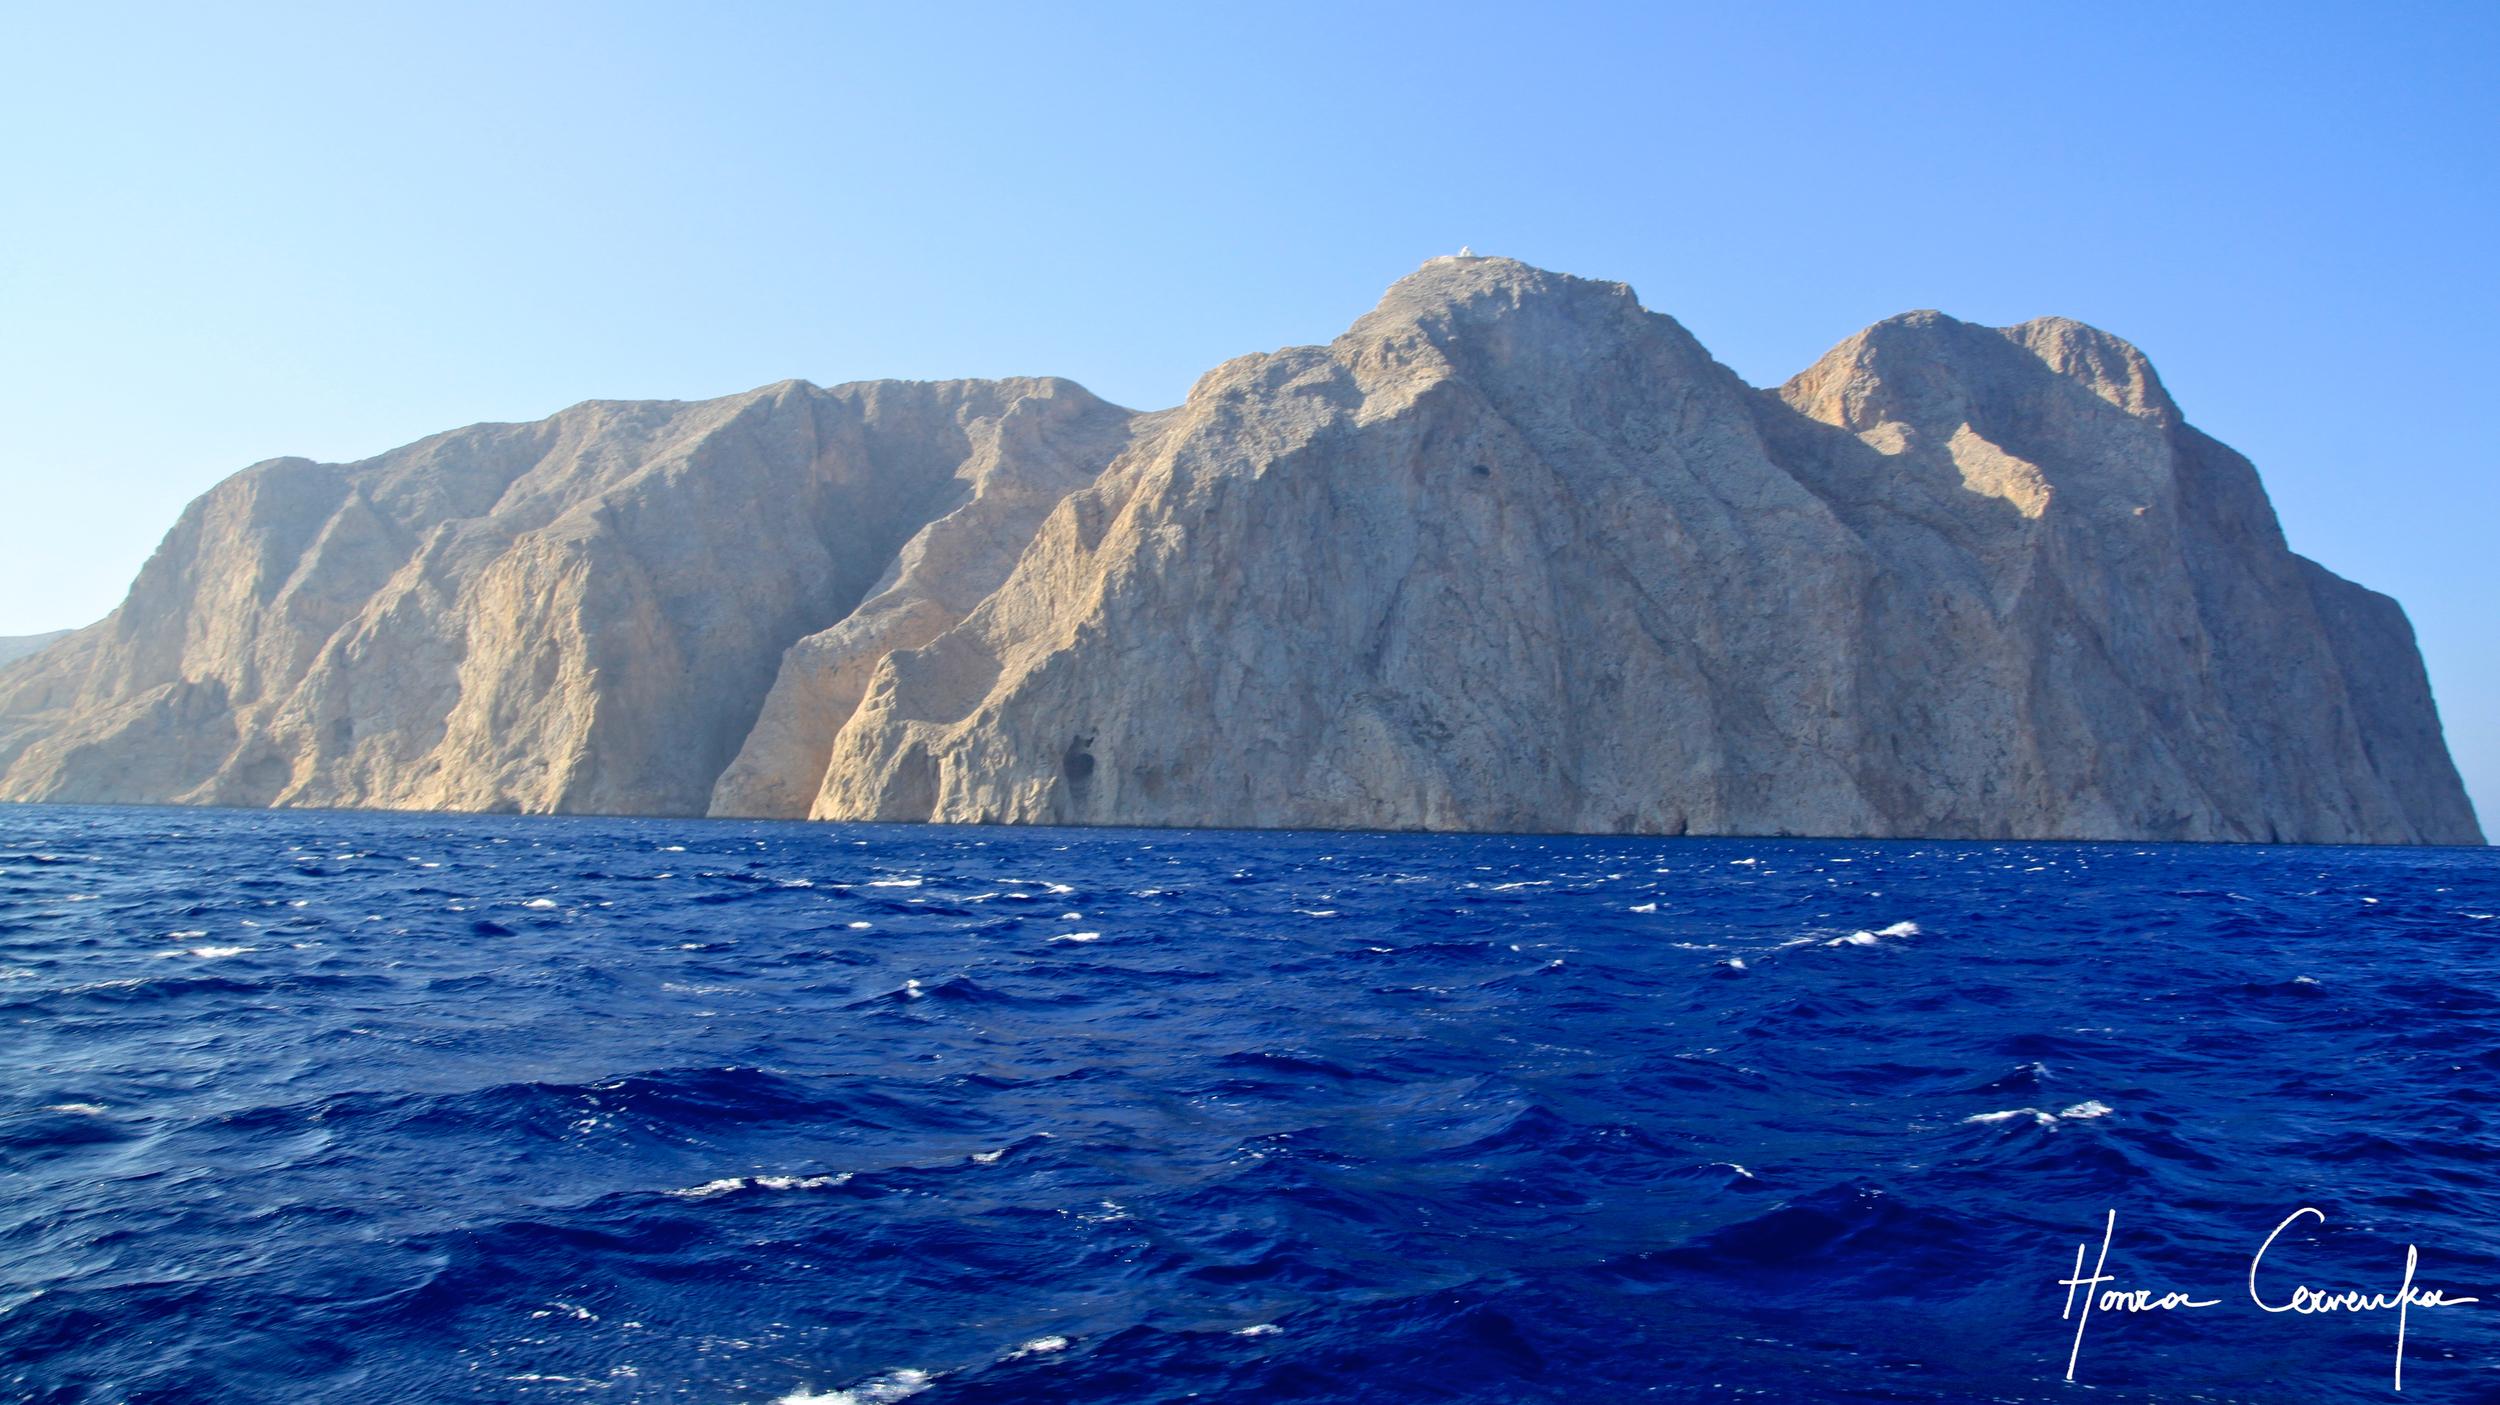 Greece-Anafi-Coast-Honza-Cervenka